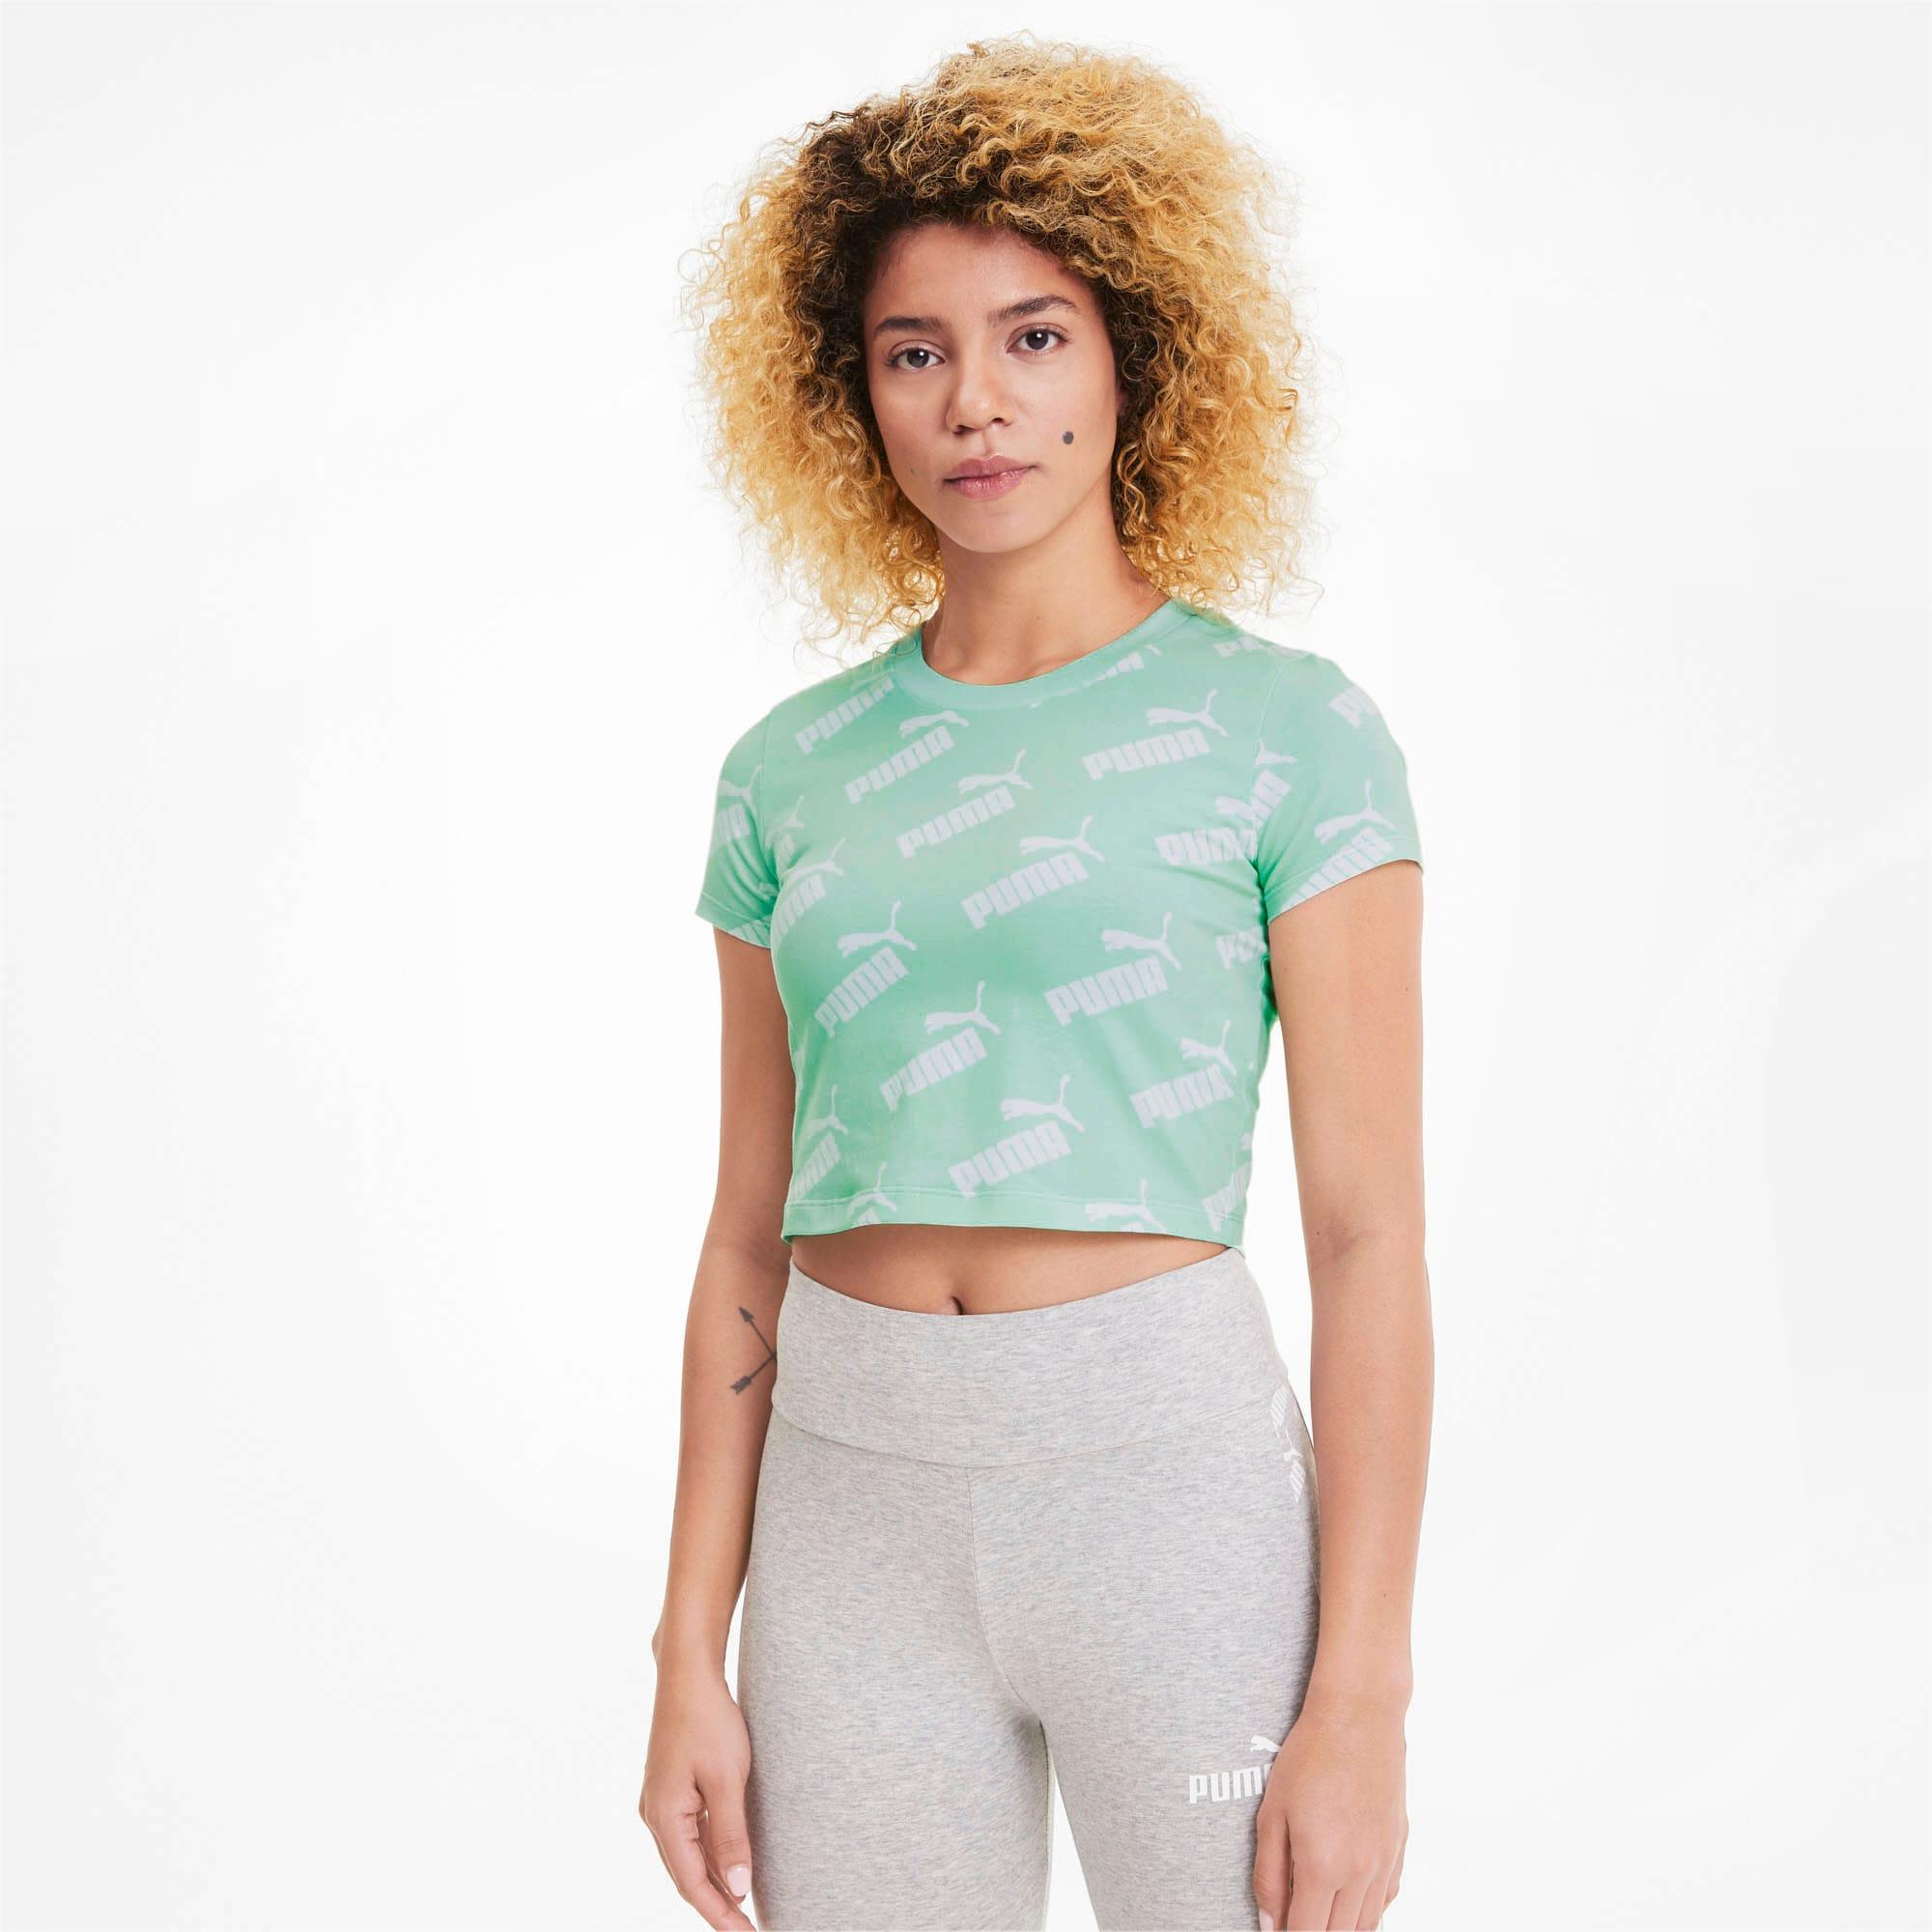 Amplified AOP Fitted Damen T Shirt | Mist Green | PUMA